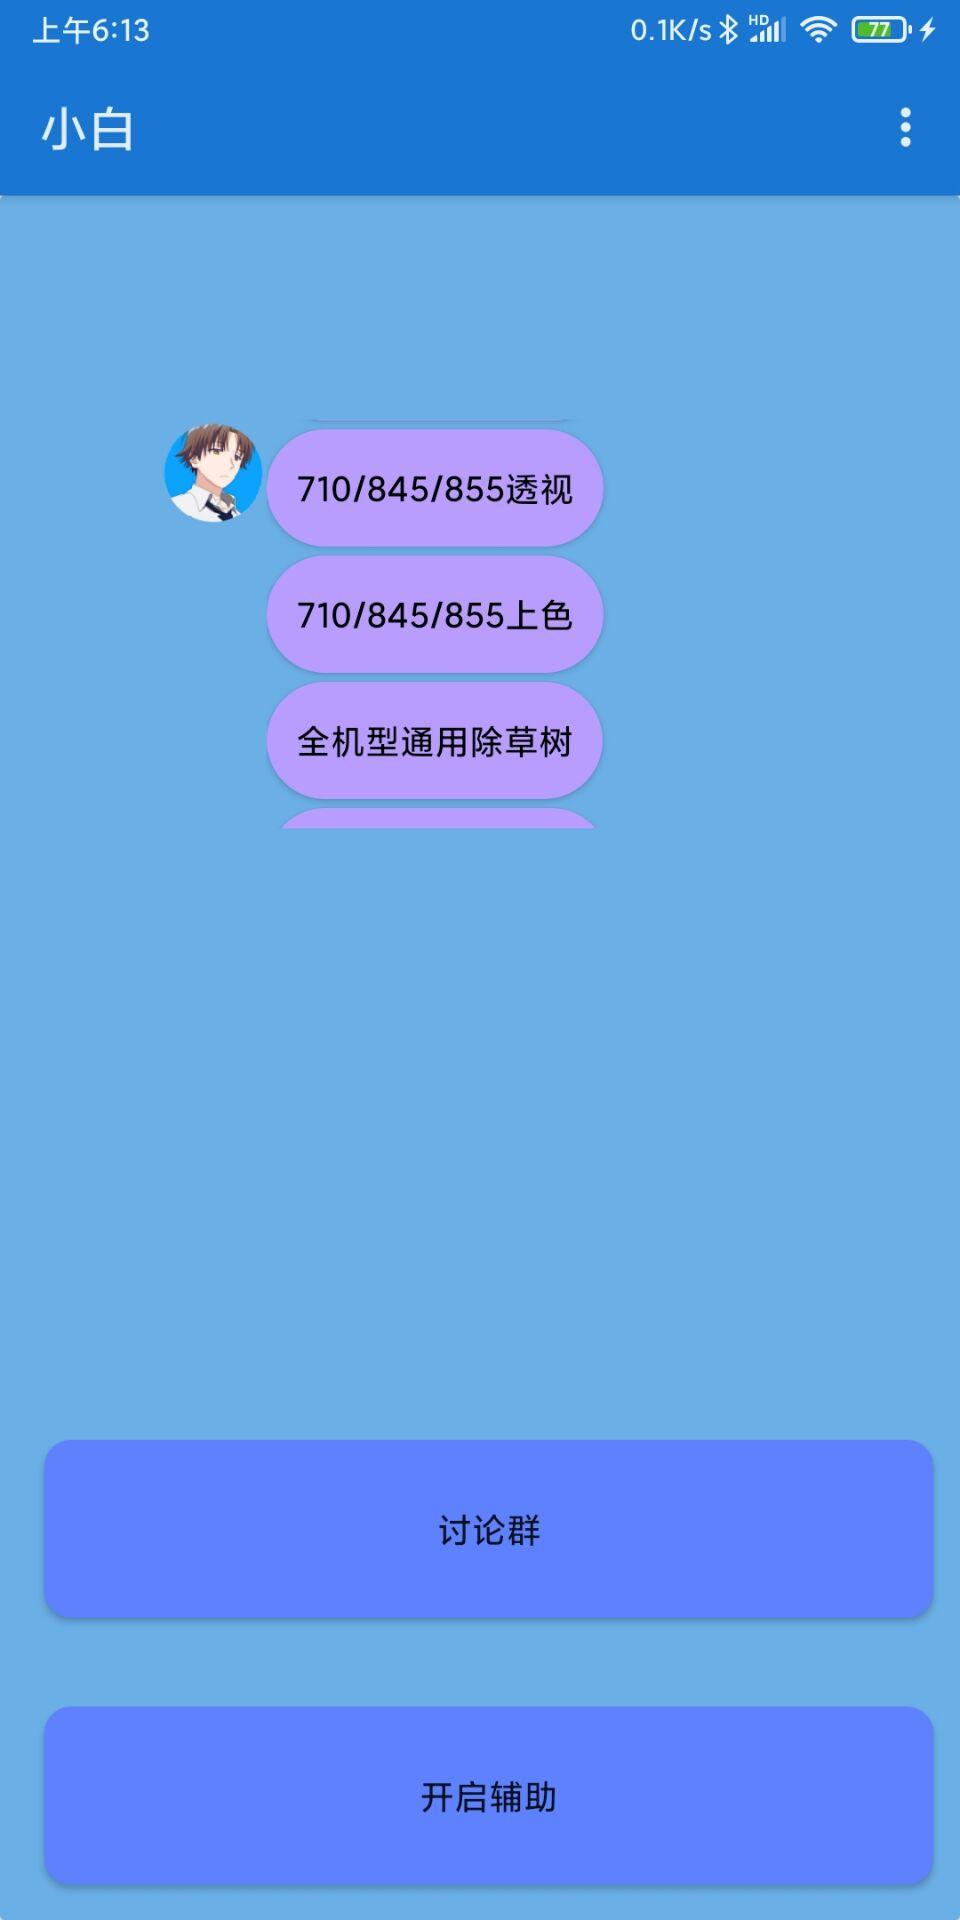 吃鸡手游-小白1.0多系统透色/全机型除草辅助免费版-115资源网